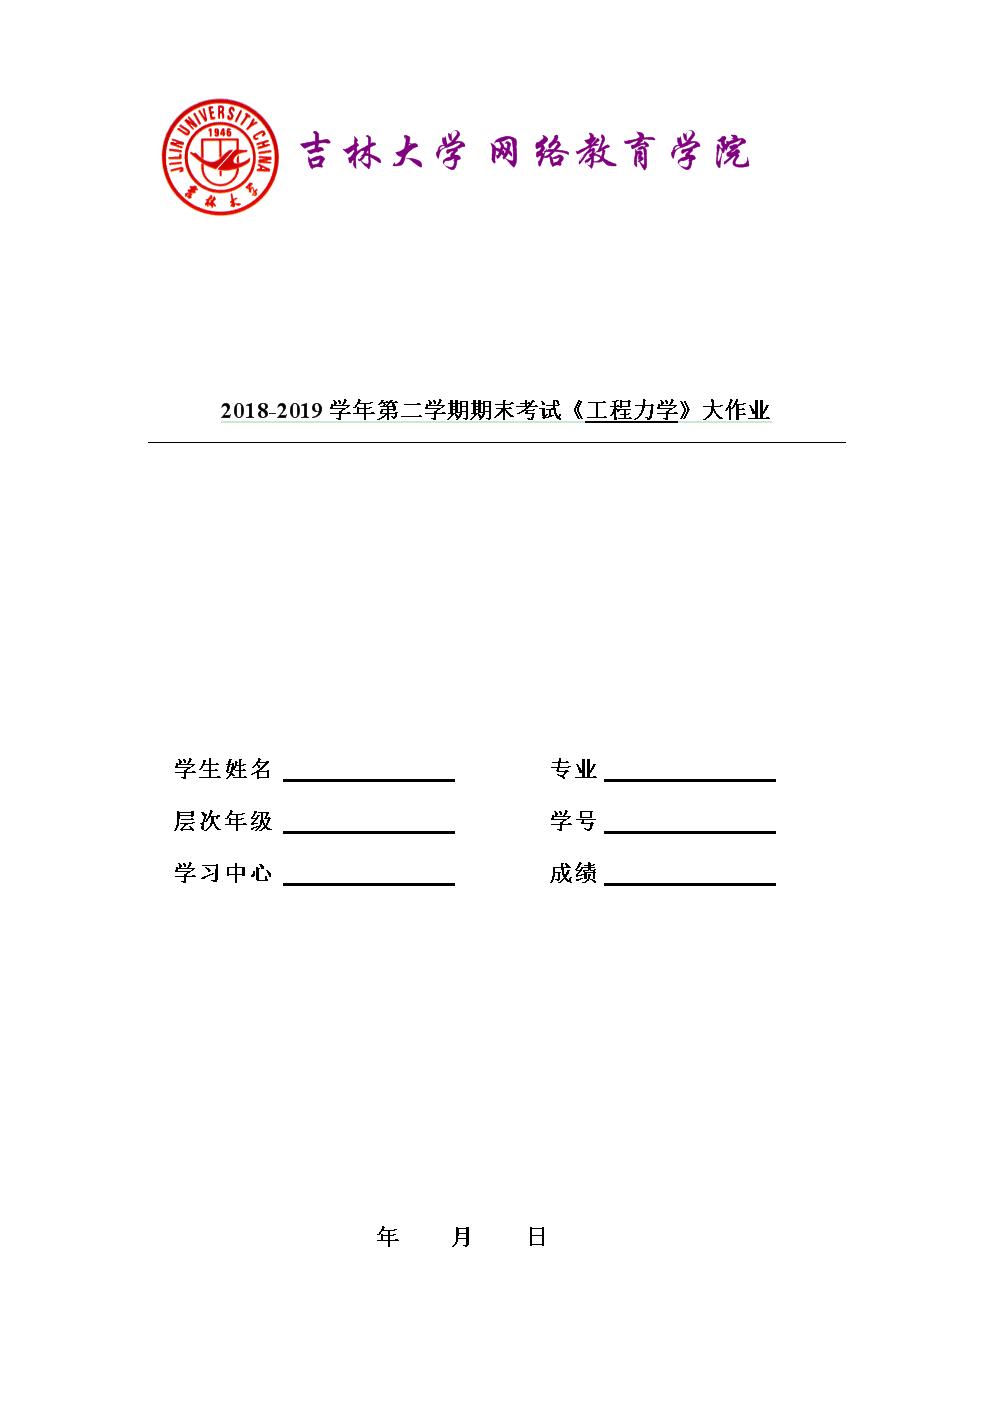 吉大19年9月课程考试《工程力学》离线作业考核要求【答案】.doc